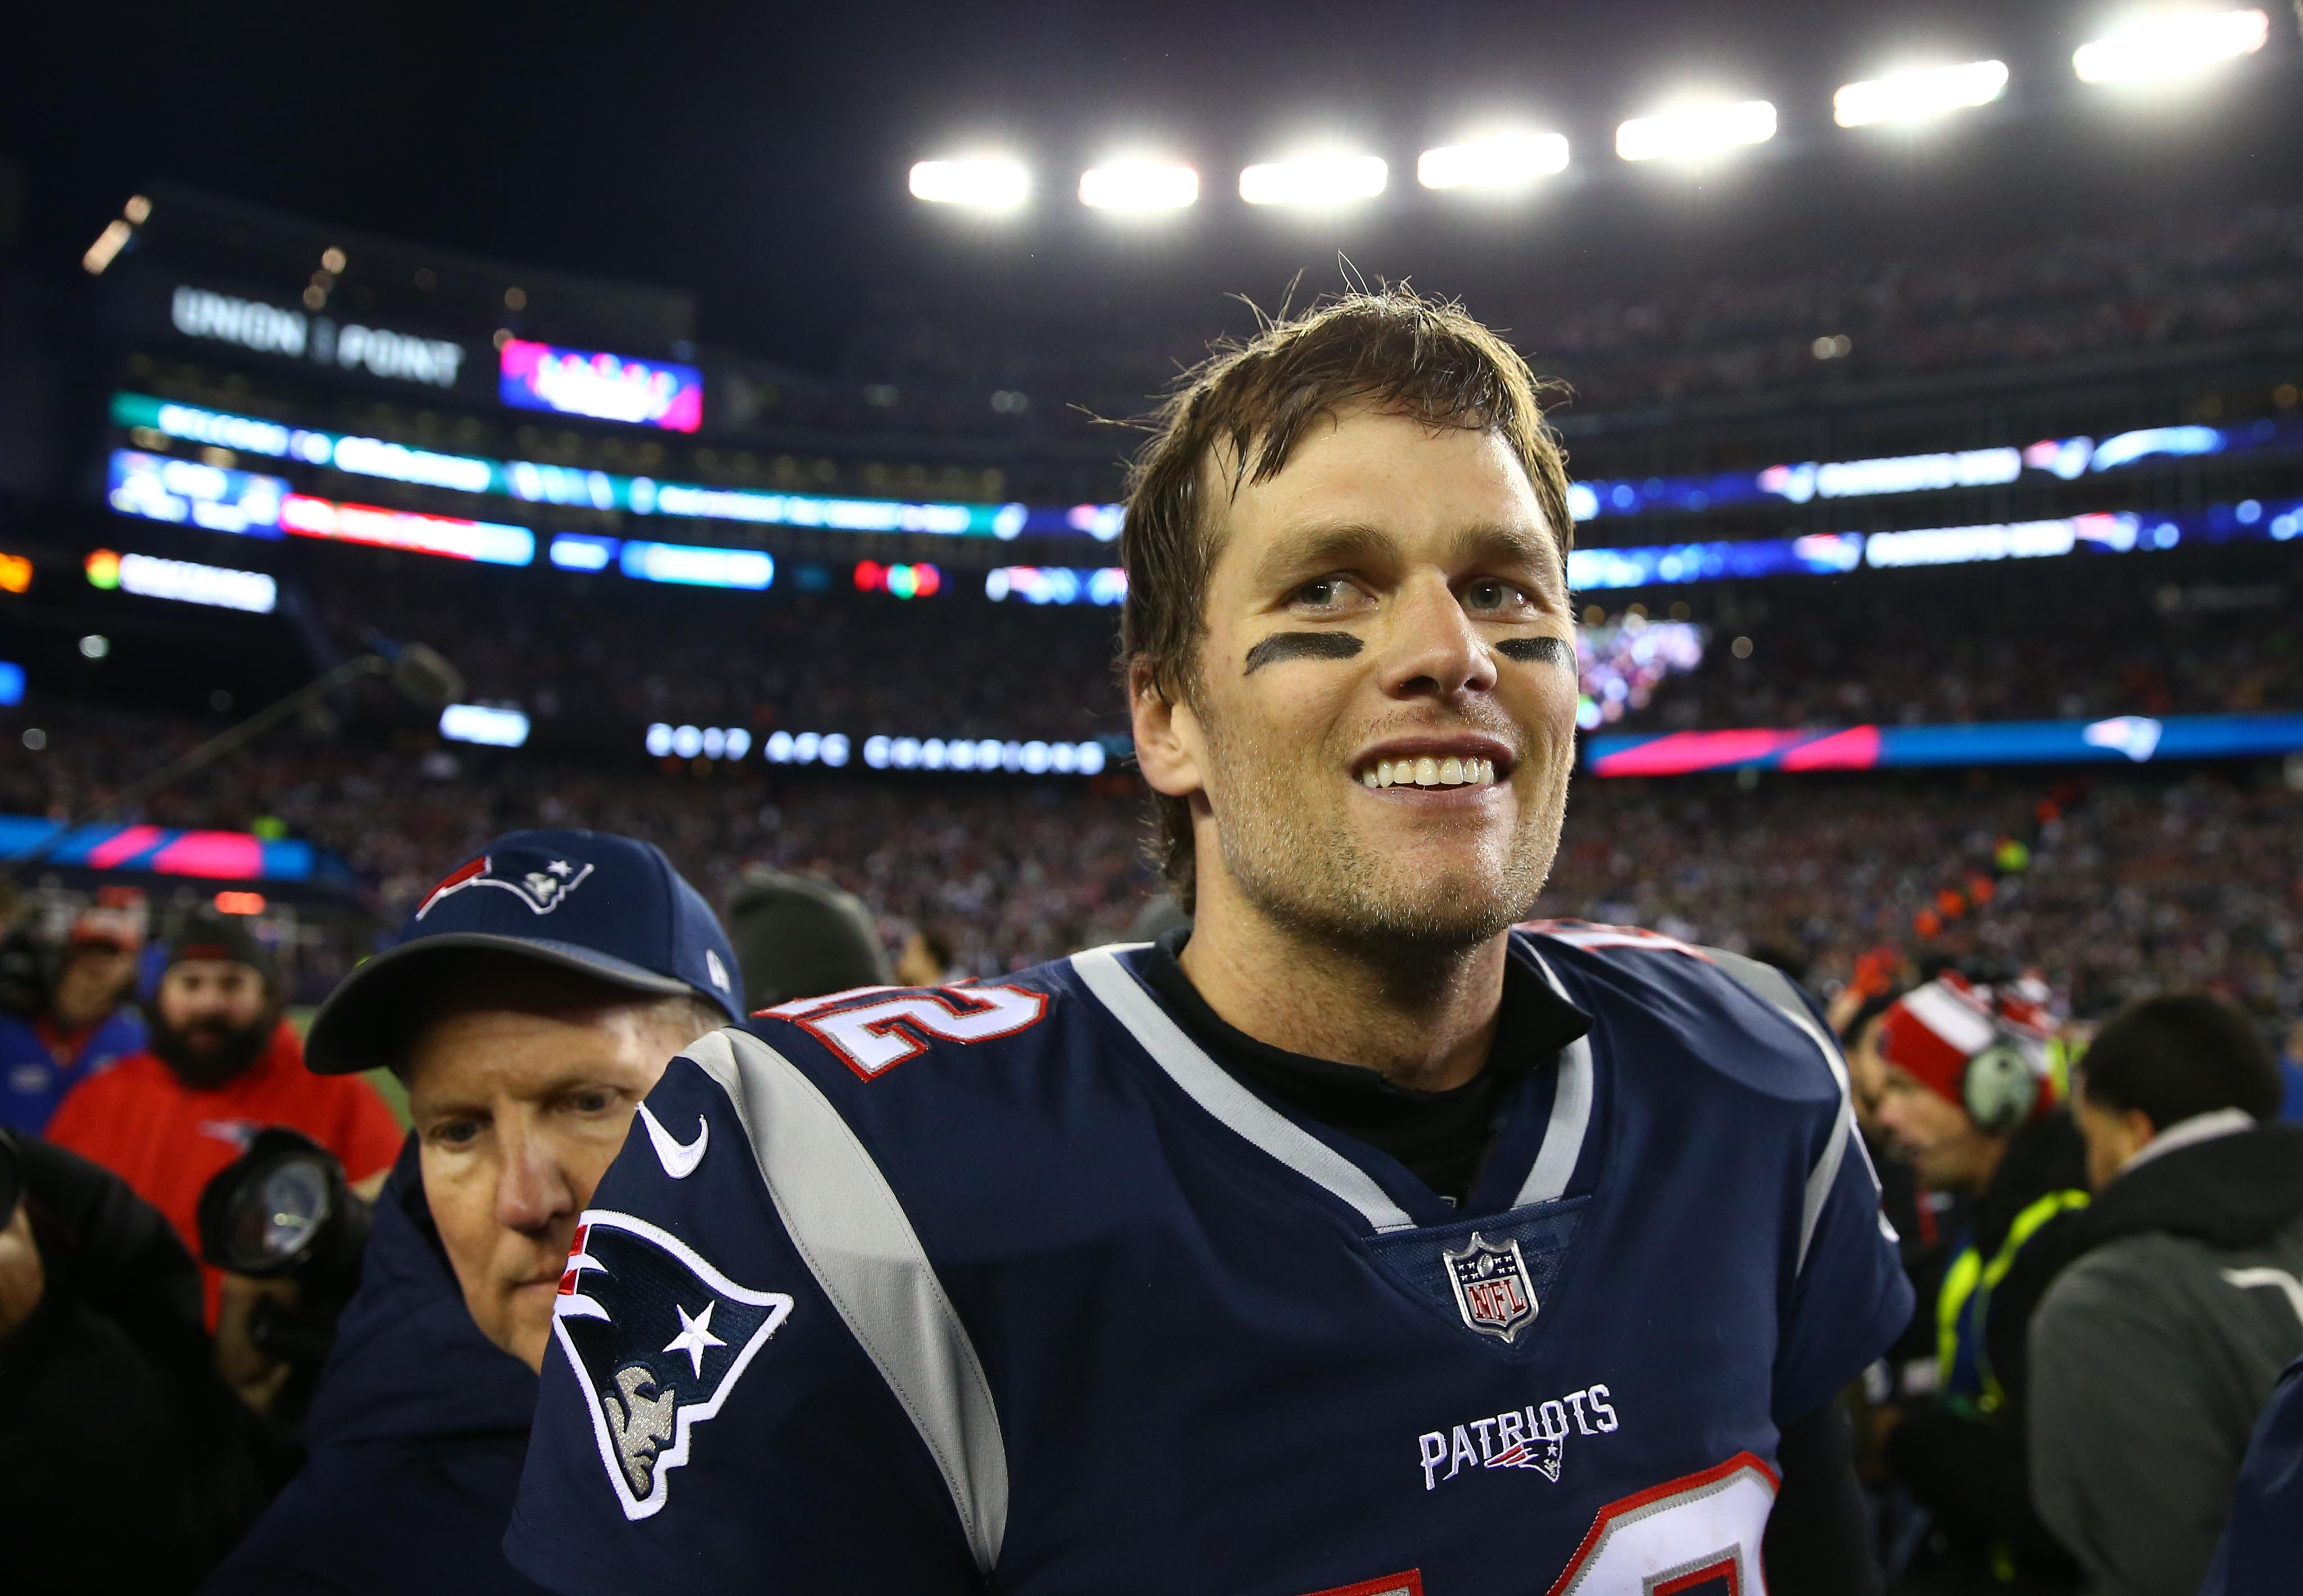 Patriots-Jaguars on CBS was highest-rating TV program since Super Bowl